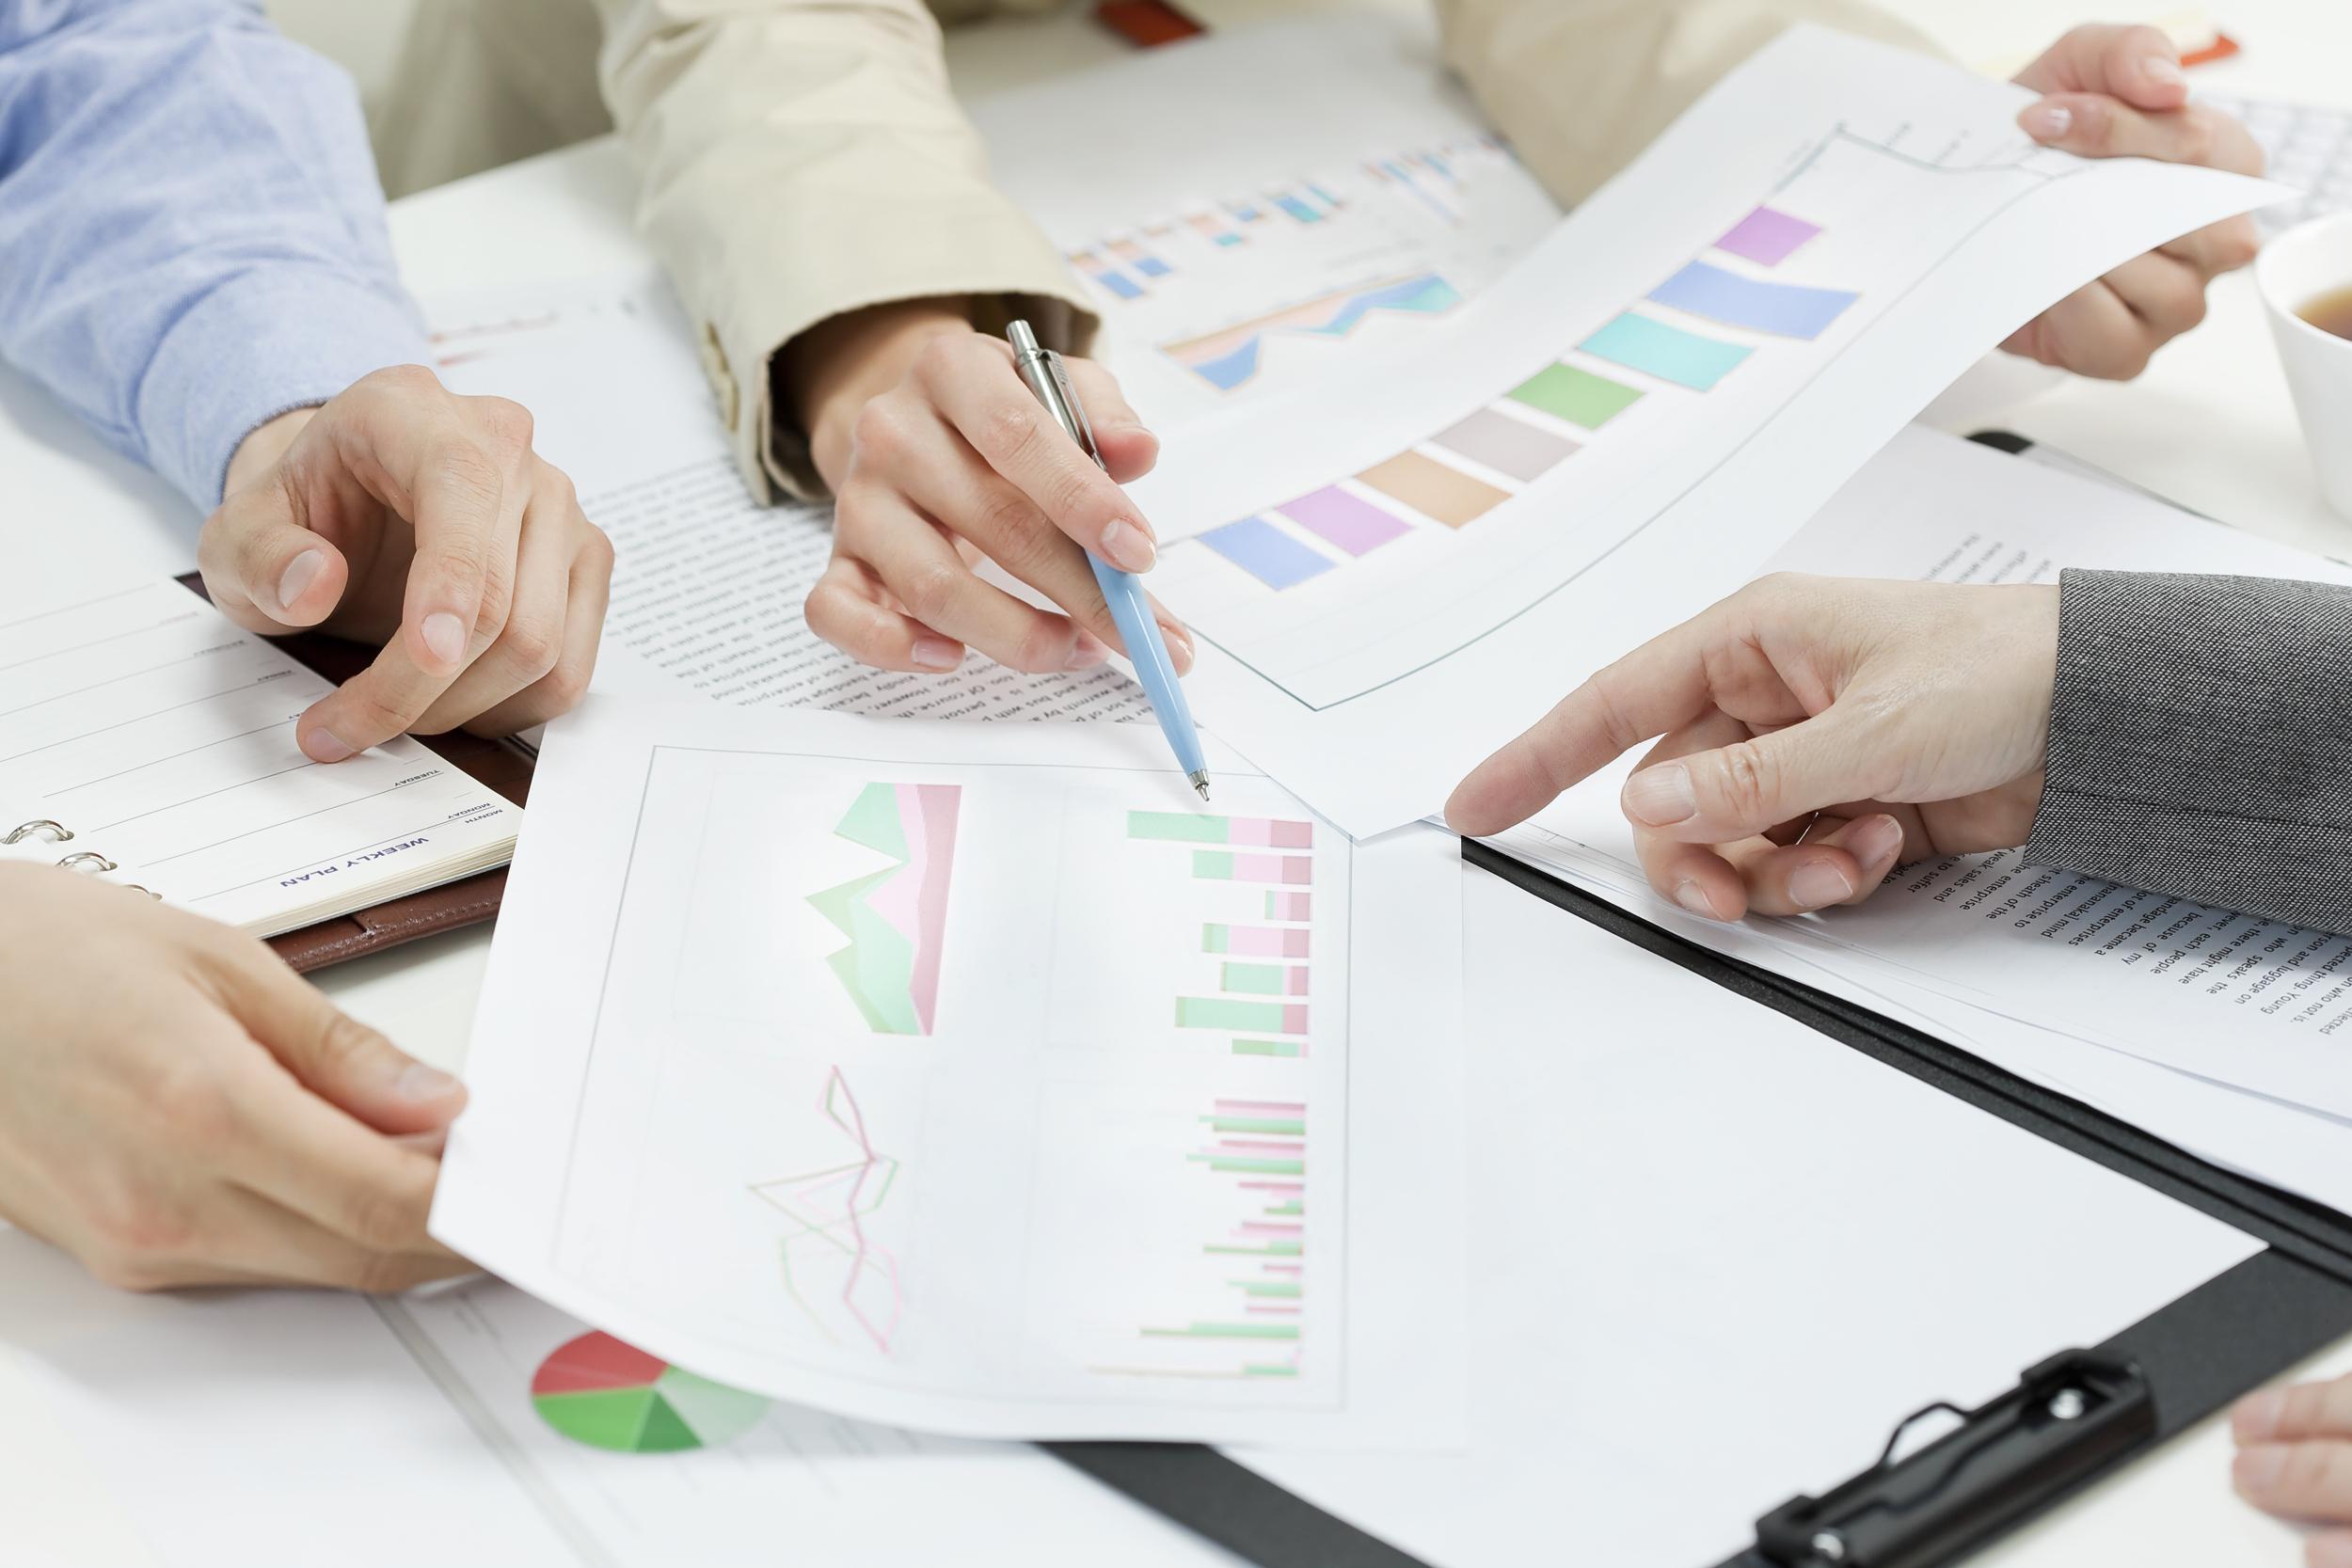 中企庁「早期経営改善計画策定支援」の利用申請を開始